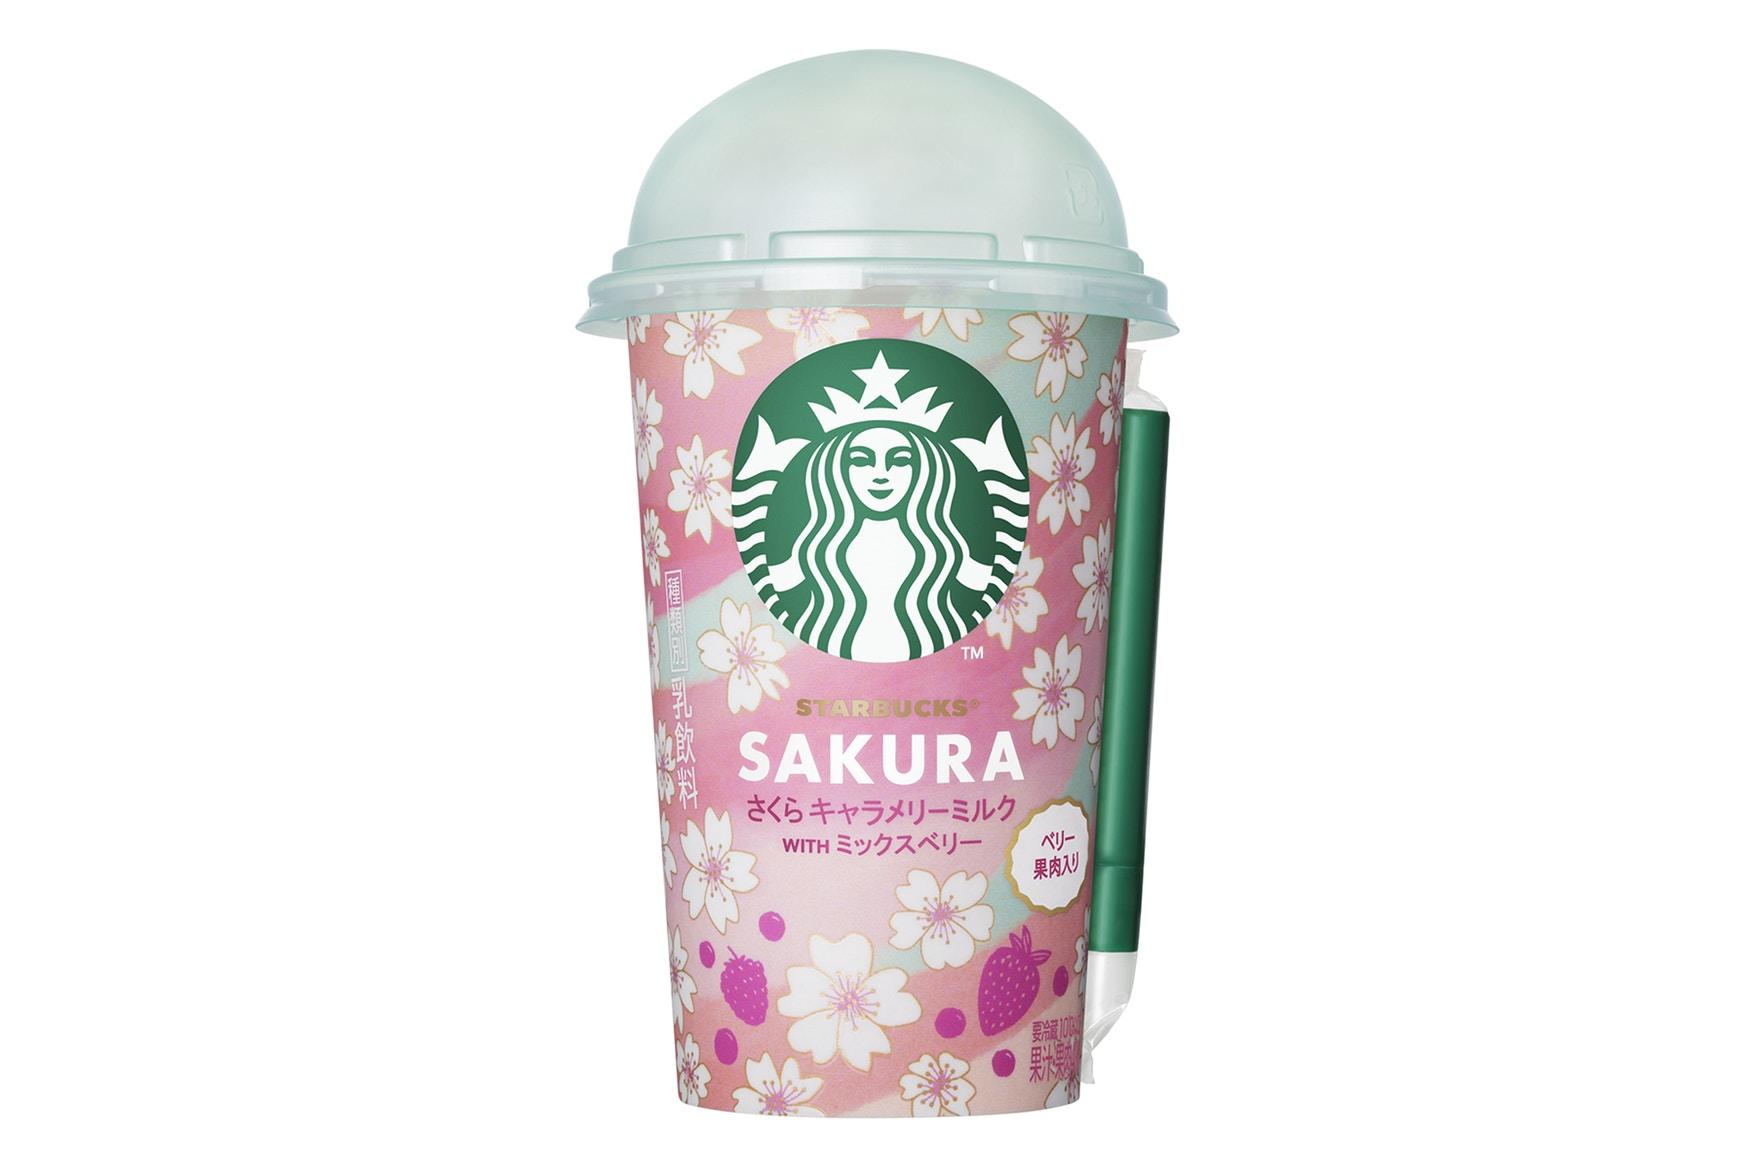 少女心噴發 Starbucks 為櫻花季推出了千禧粉星冰樂